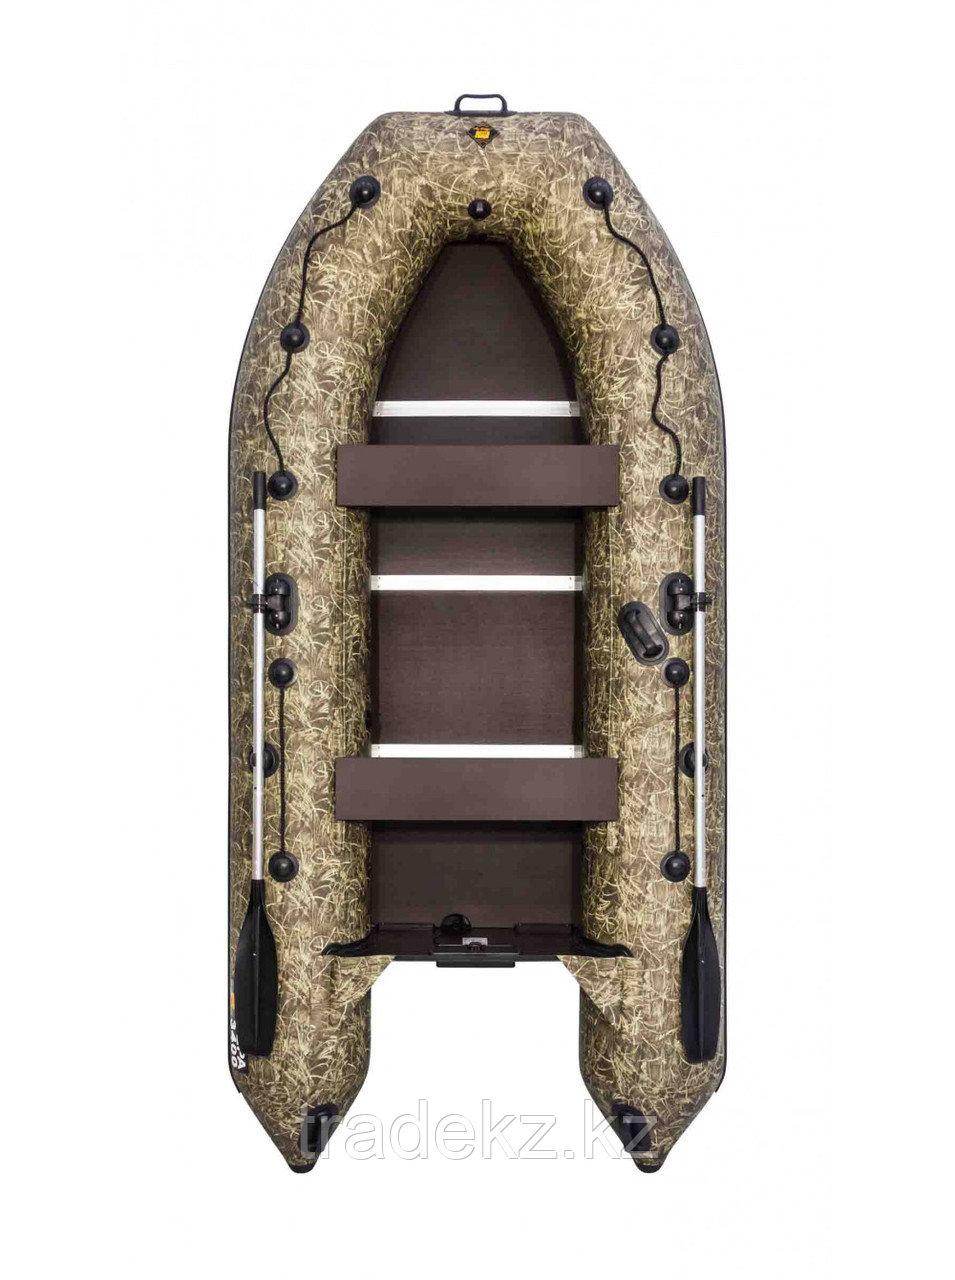 Лодка ПВХ Ривьера Компакт 3400 СК камуфляж камыш